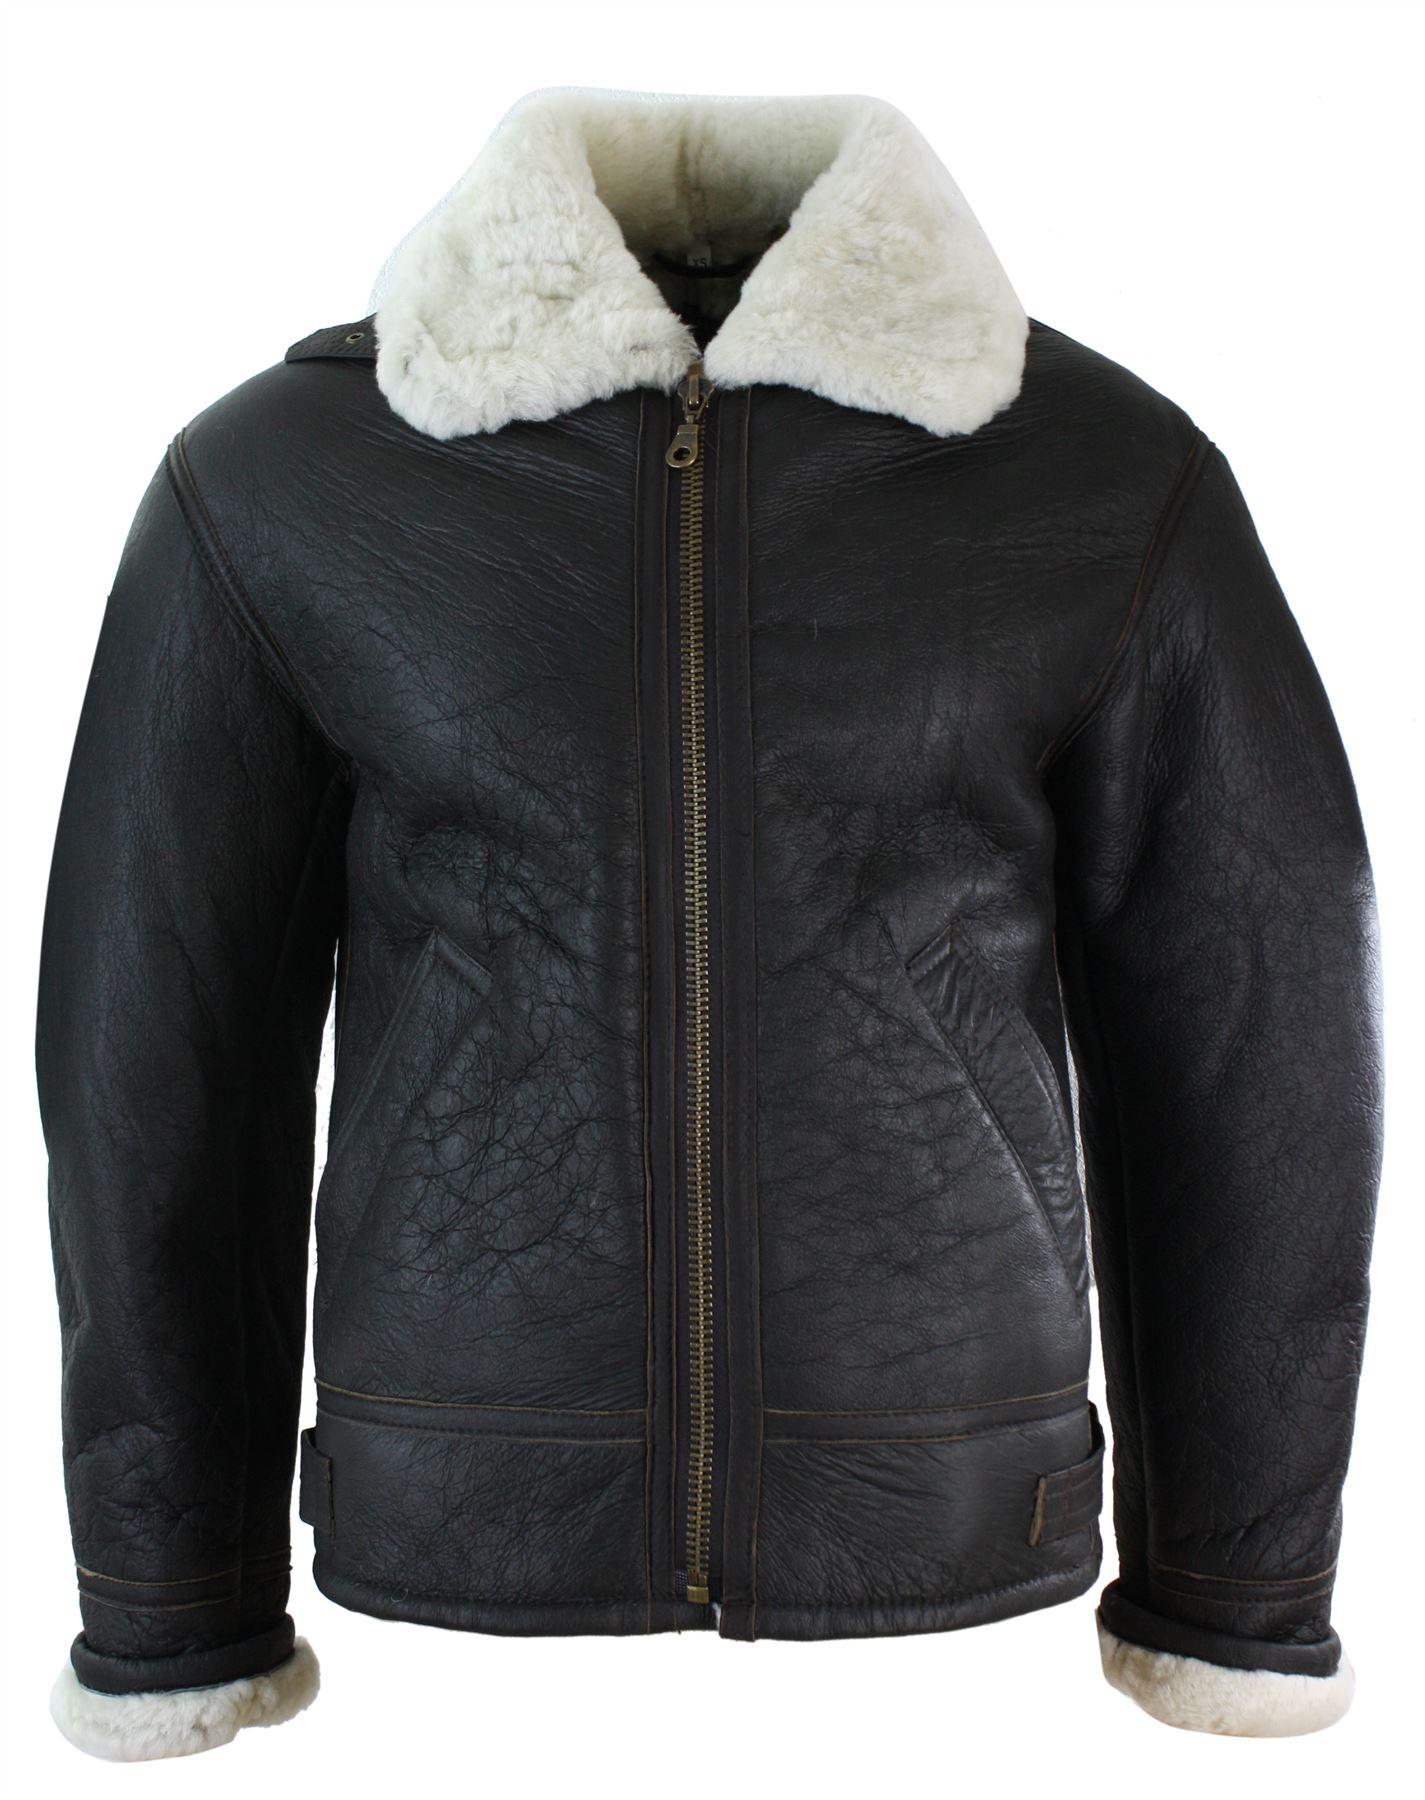 manteau chaud homme peau de mouton retourn e v ritable mod le b3 original ebay. Black Bedroom Furniture Sets. Home Design Ideas